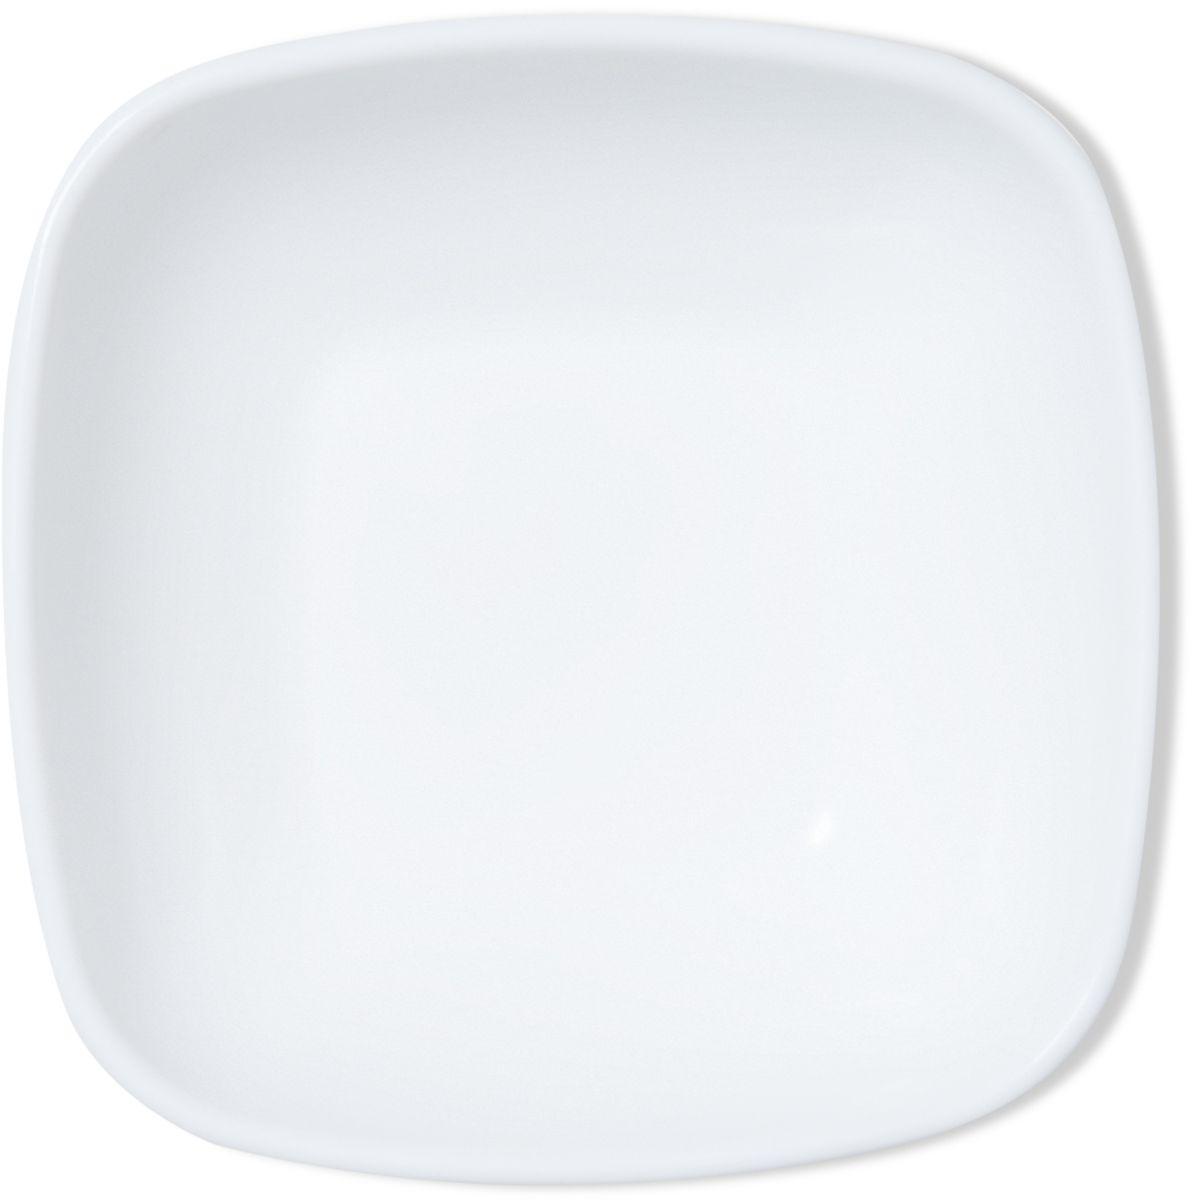 Миска Dosh l Home ADARA квадратная, цвет: белый, диаметр 15 см115510Элегантная миска Dosh l Home ADARA отлично подходит для стильной сервировки блюд и закусок. Изготовлена из высококачественного силикона белоснежного цвета. Силикон не впитывает запах и вкус продуктов, устойчив к царапинам.Подходит для микроволновой печи, холодильника. Можно мыть в посудомоечной машине.Мыть обычными моющими средствами, не использовать агрессивные вещества, металлические мочалки, острые предметы и т.д..Диаметр: 15 см.